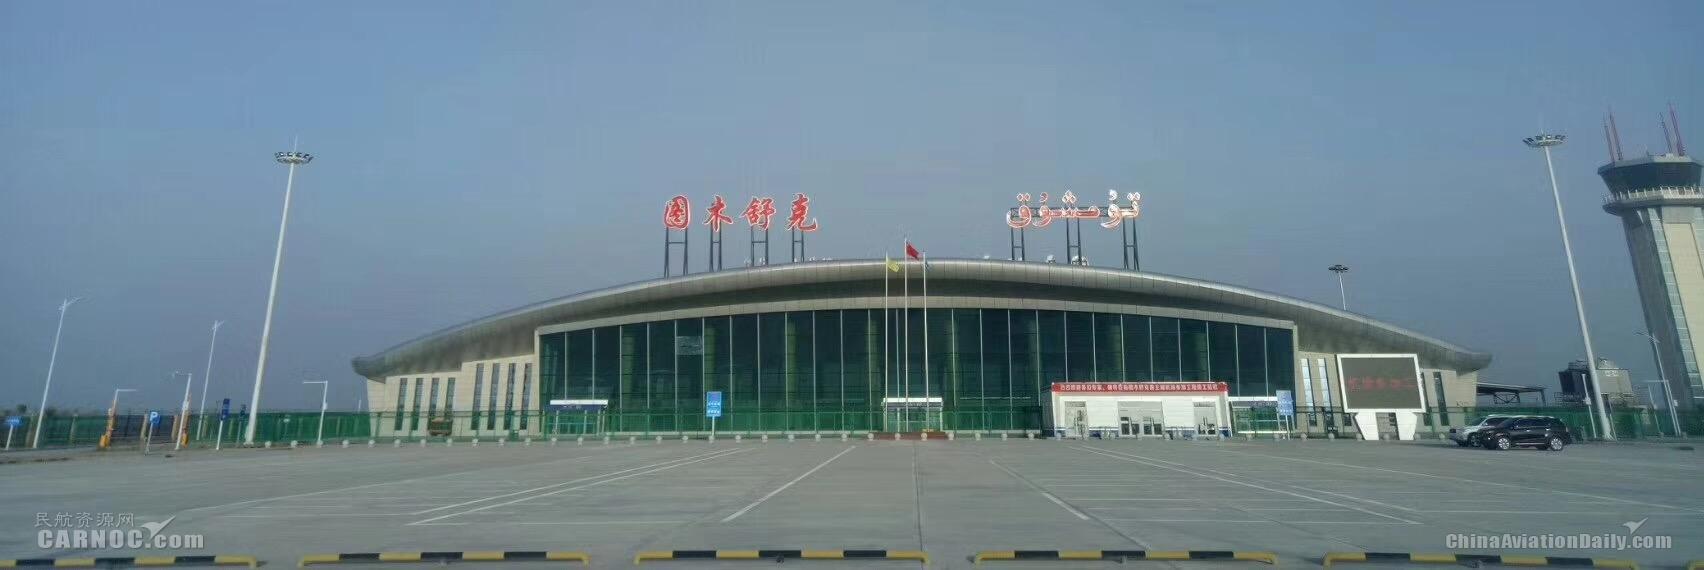 新疆第21个民用机场将于12月26日正式通航